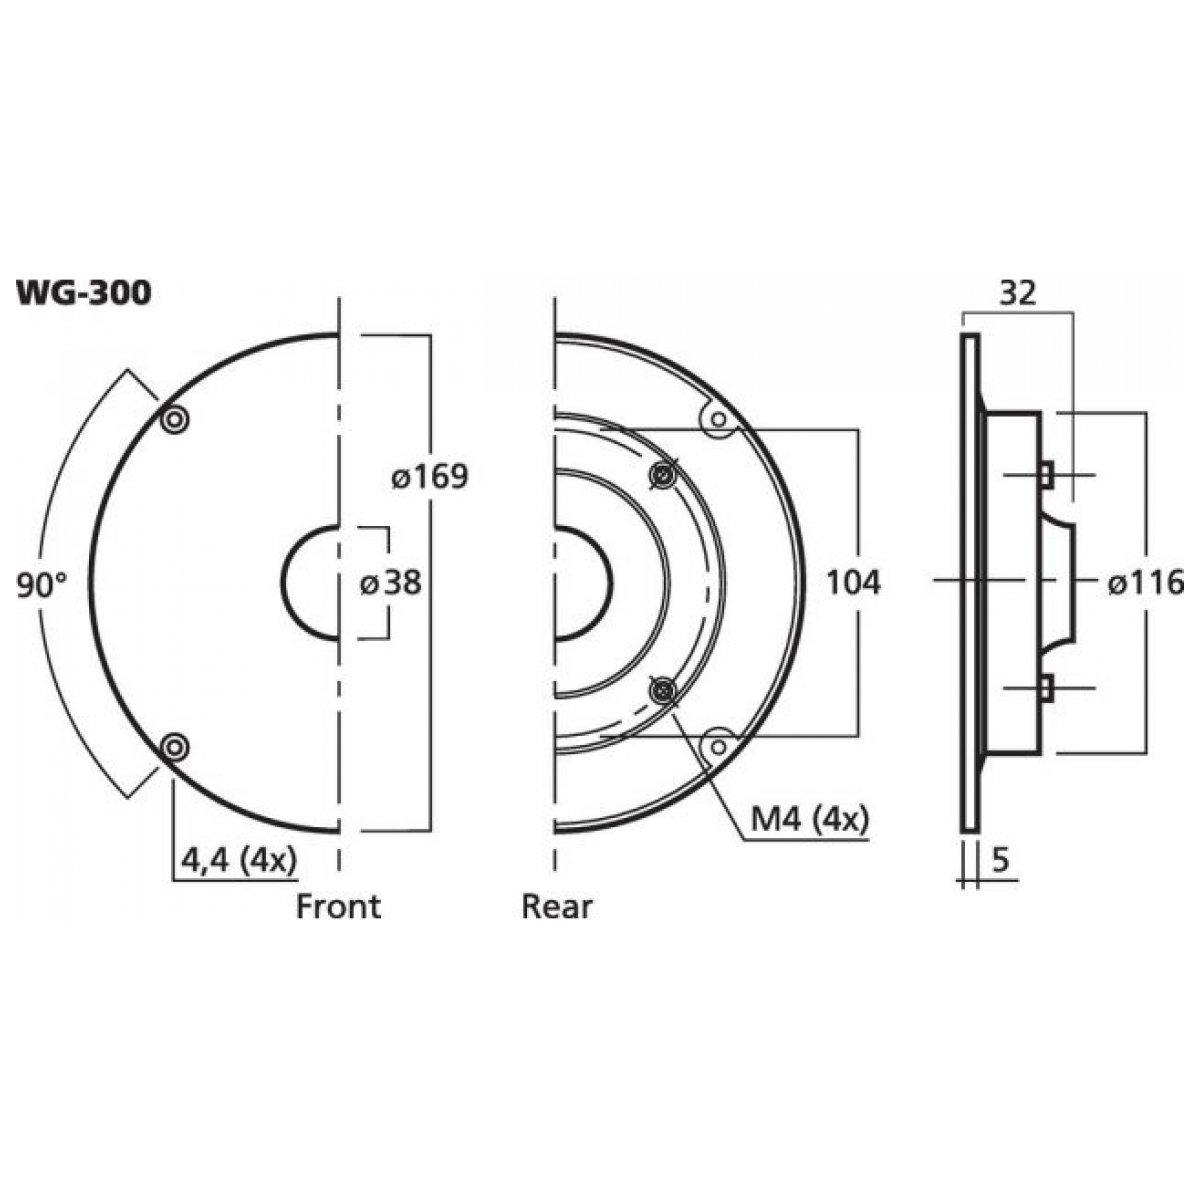 MONACOR WG-300 Specjalna przystawka do zamocowania tuby